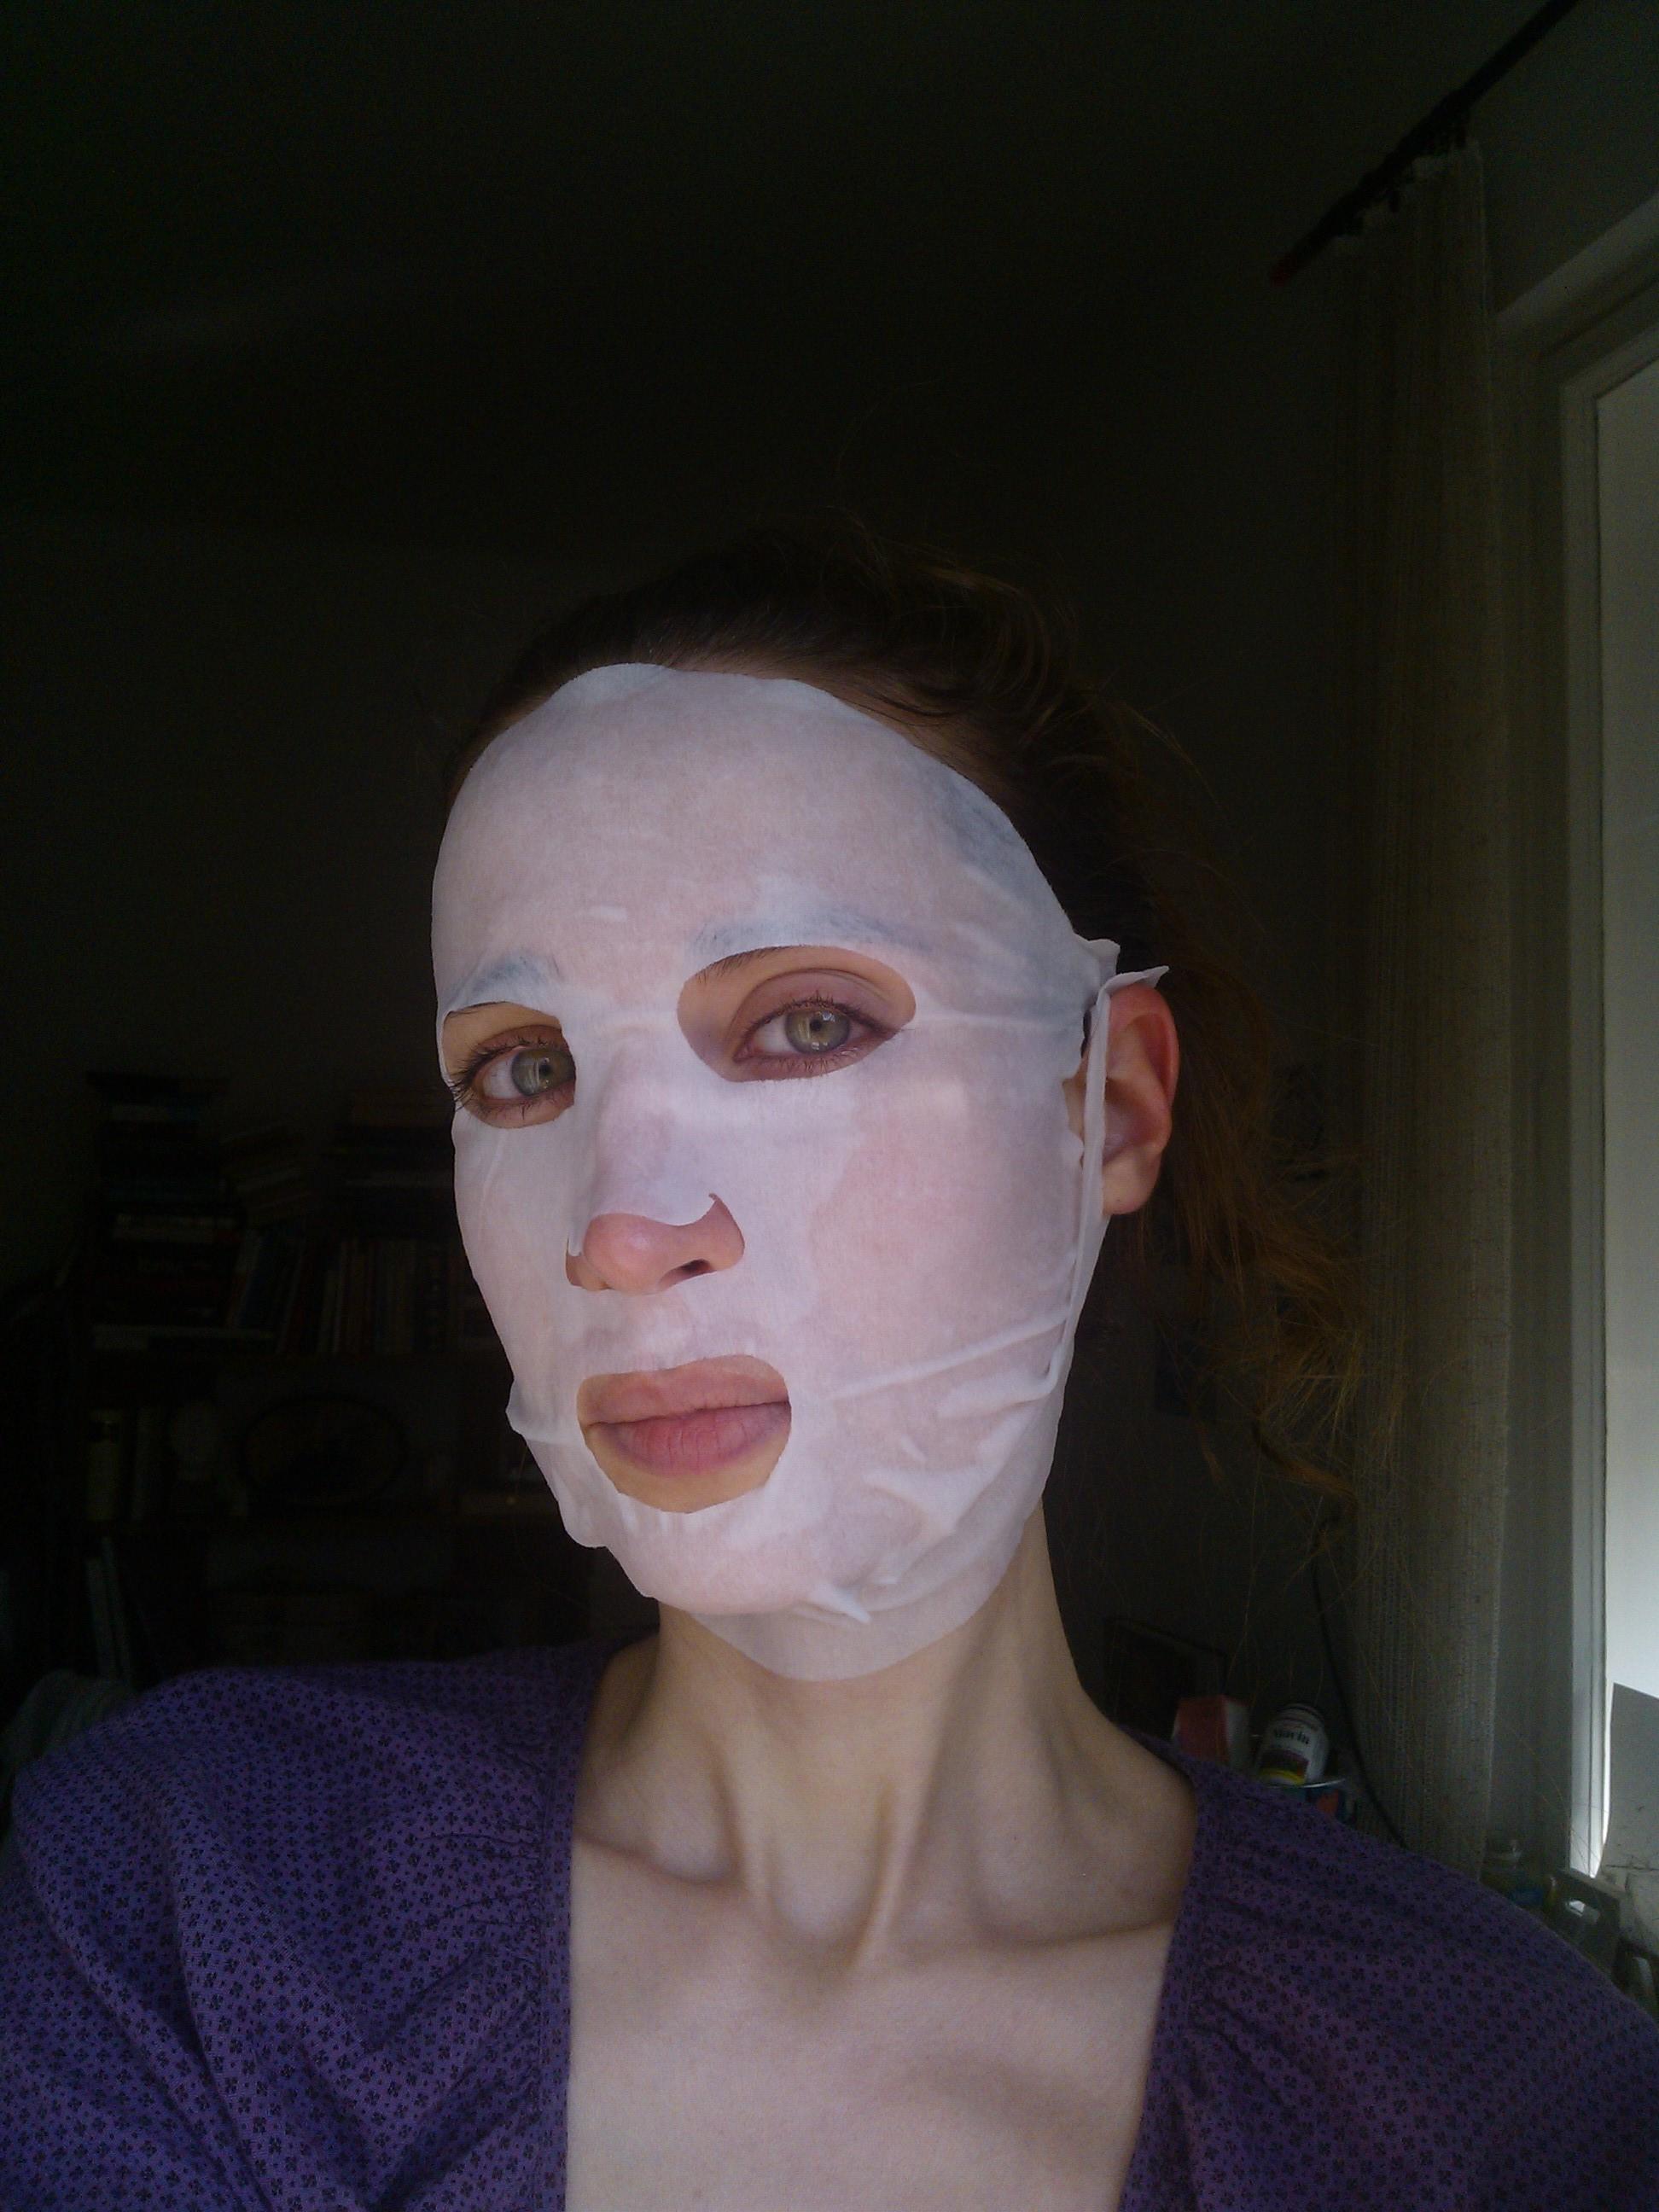 Kým nevlastním žiadny nočný podbradový spevňovač, je táto maska jedinou možnosťou expresného liftingu. Skúste ju, nič za to nedáte. Okrem nejakých dvoch- troch eur teda..